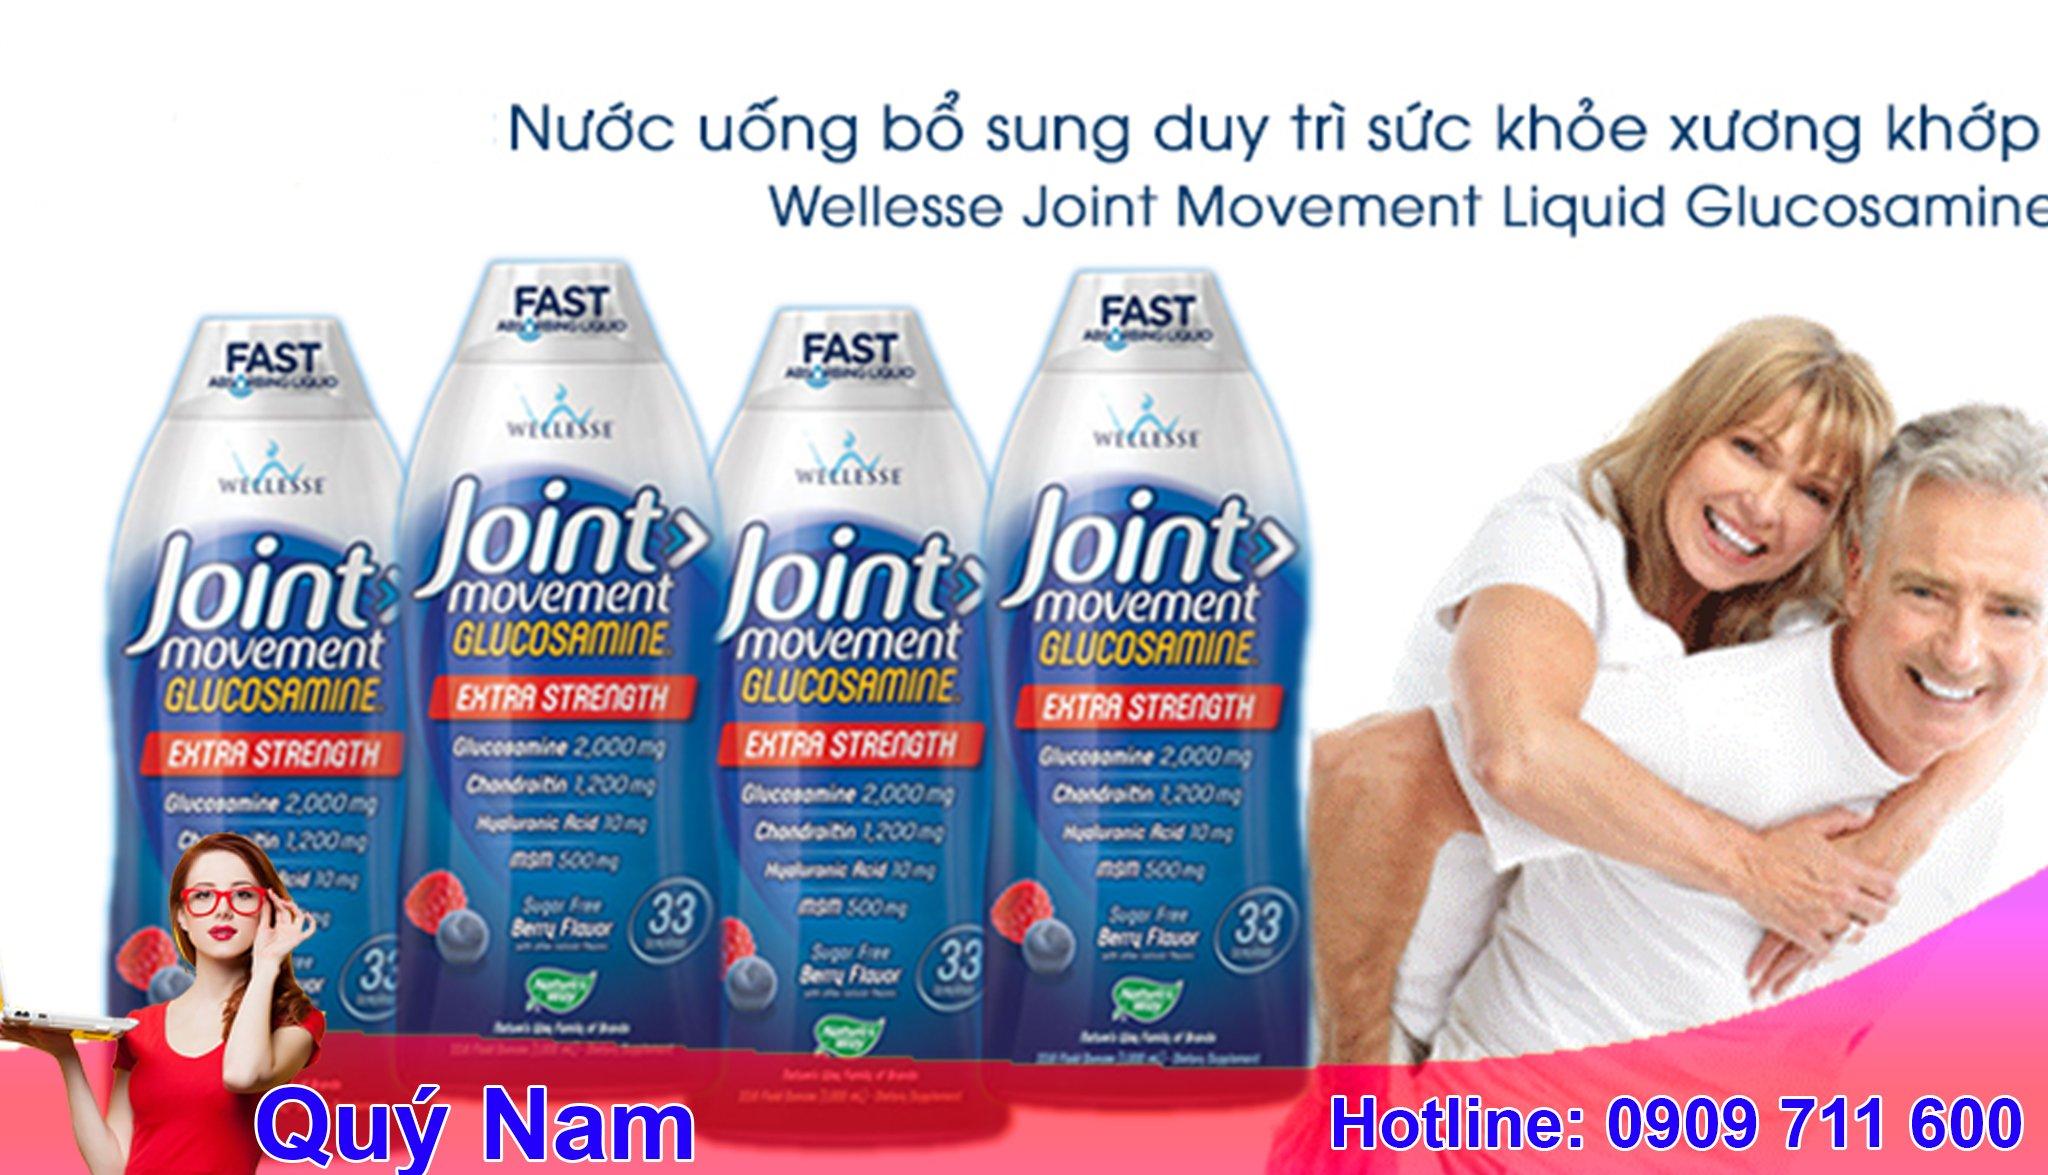 Wellesse joint movement glucosamine 1000ml là thực phẩm chức năng dạng nước